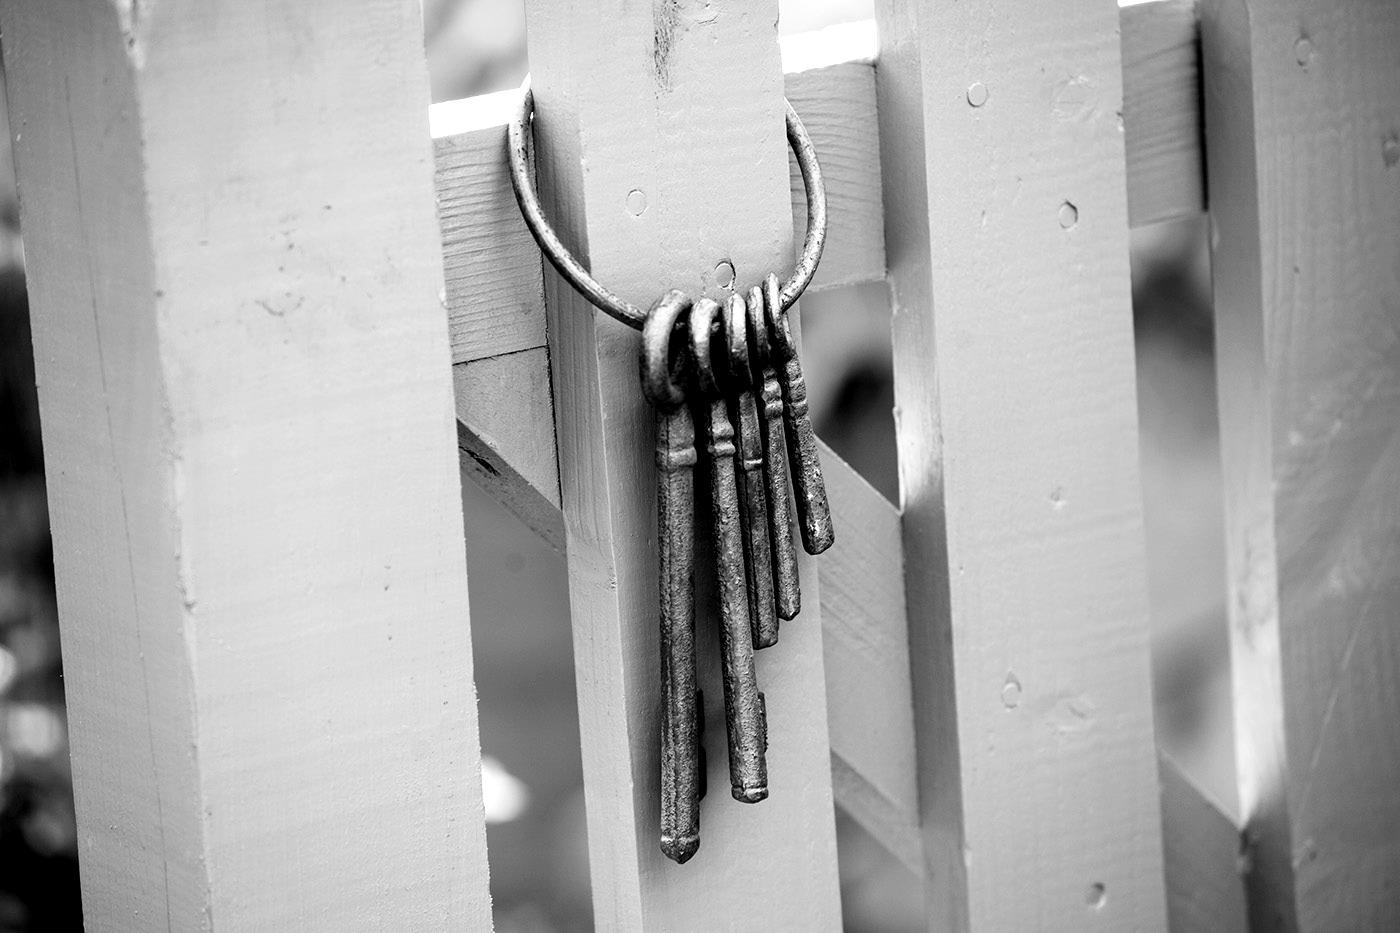 Keys on a gate